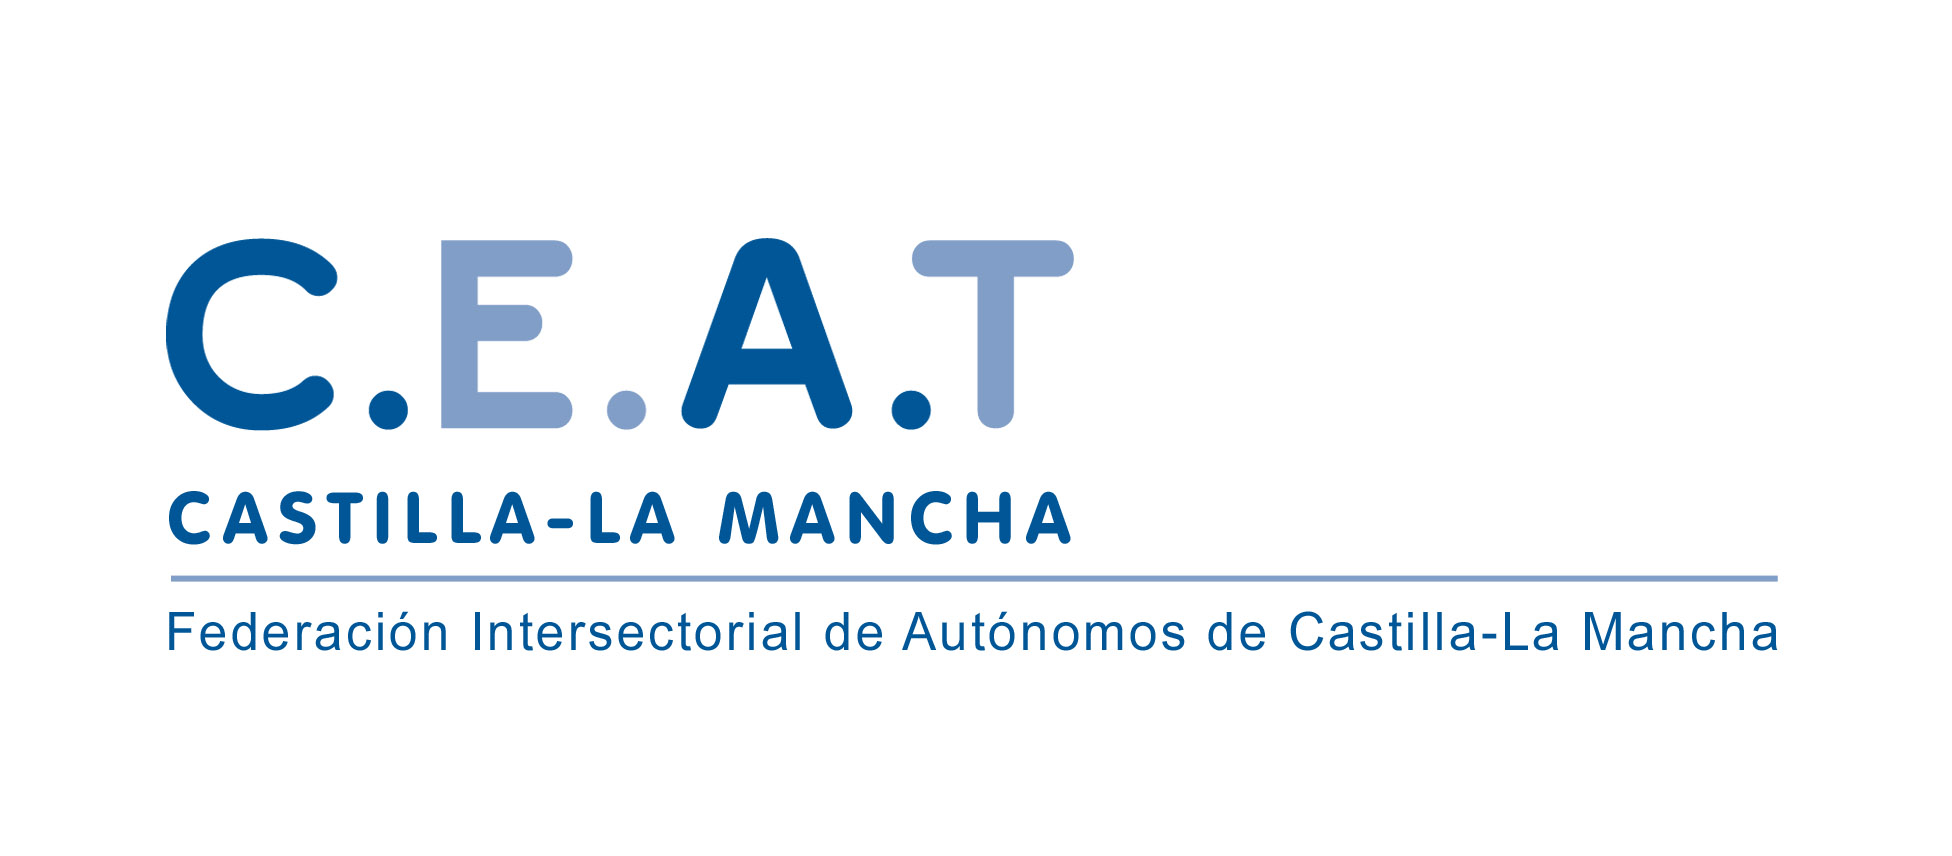 CEAT Castilla-La Mancha pide que se prorrogue la prestación por cese de actividad para los autónomos